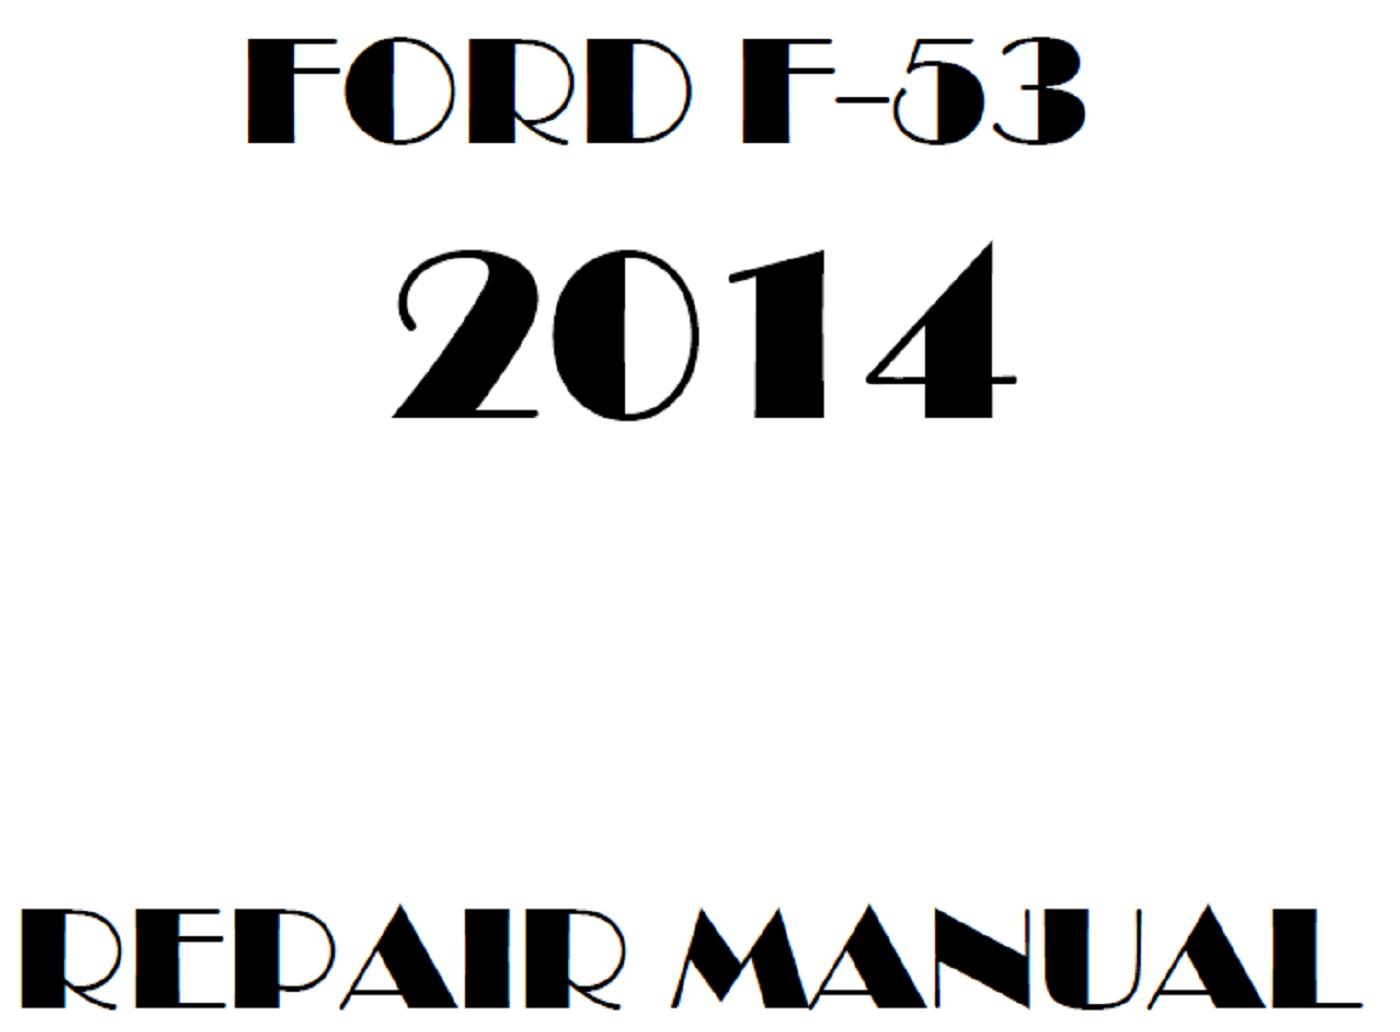 2014 Ford F53 repair manual